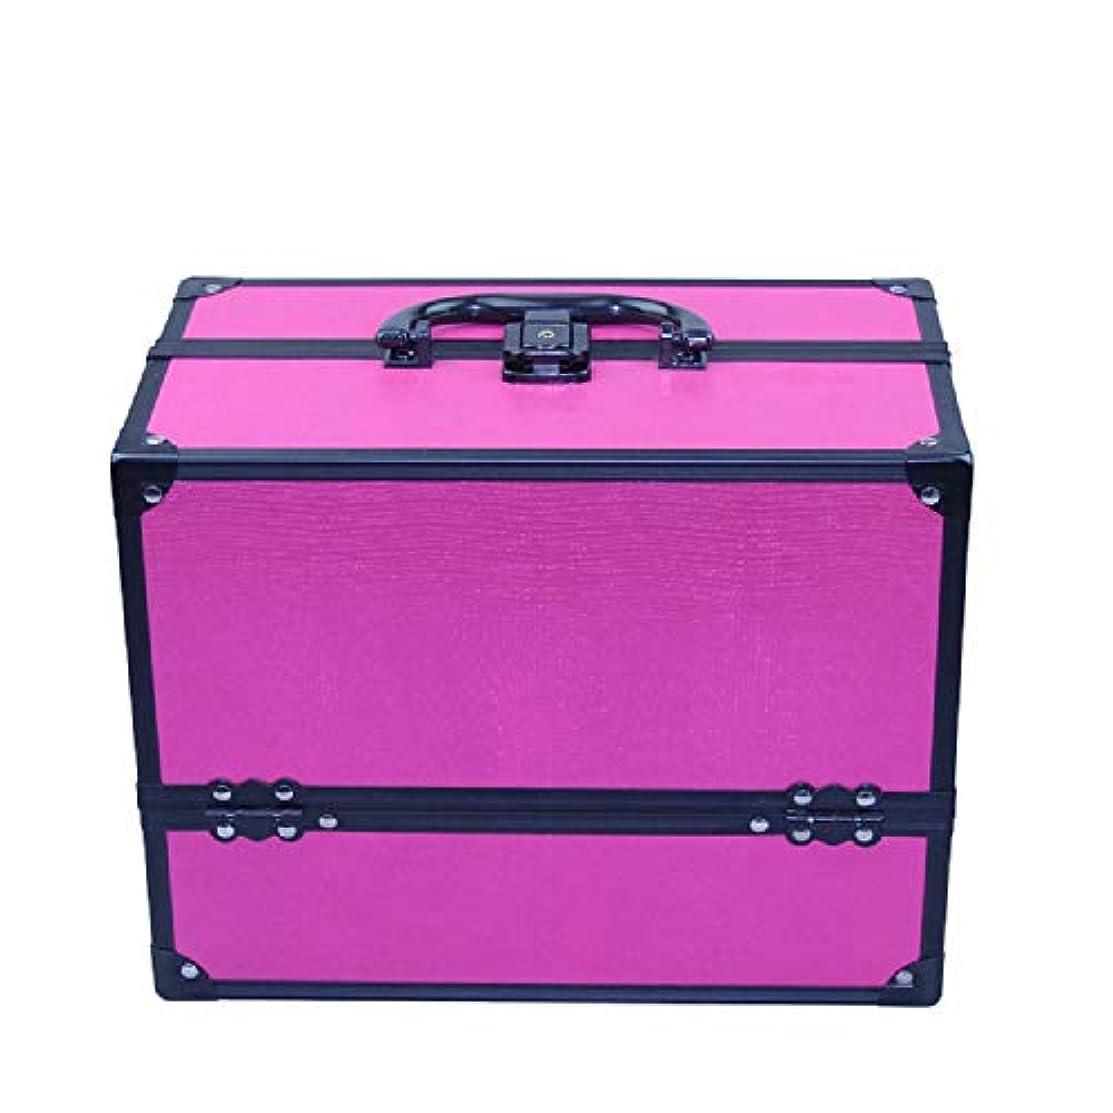 代表違反不運化粧オーガナイザーバッグ 純粋な色のポータブル化粧品ケーストラベルアクセサリーシャンプーボディウォッシュパーソナルアイテムストレージロックとスライディングトレイ 化粧品ケース